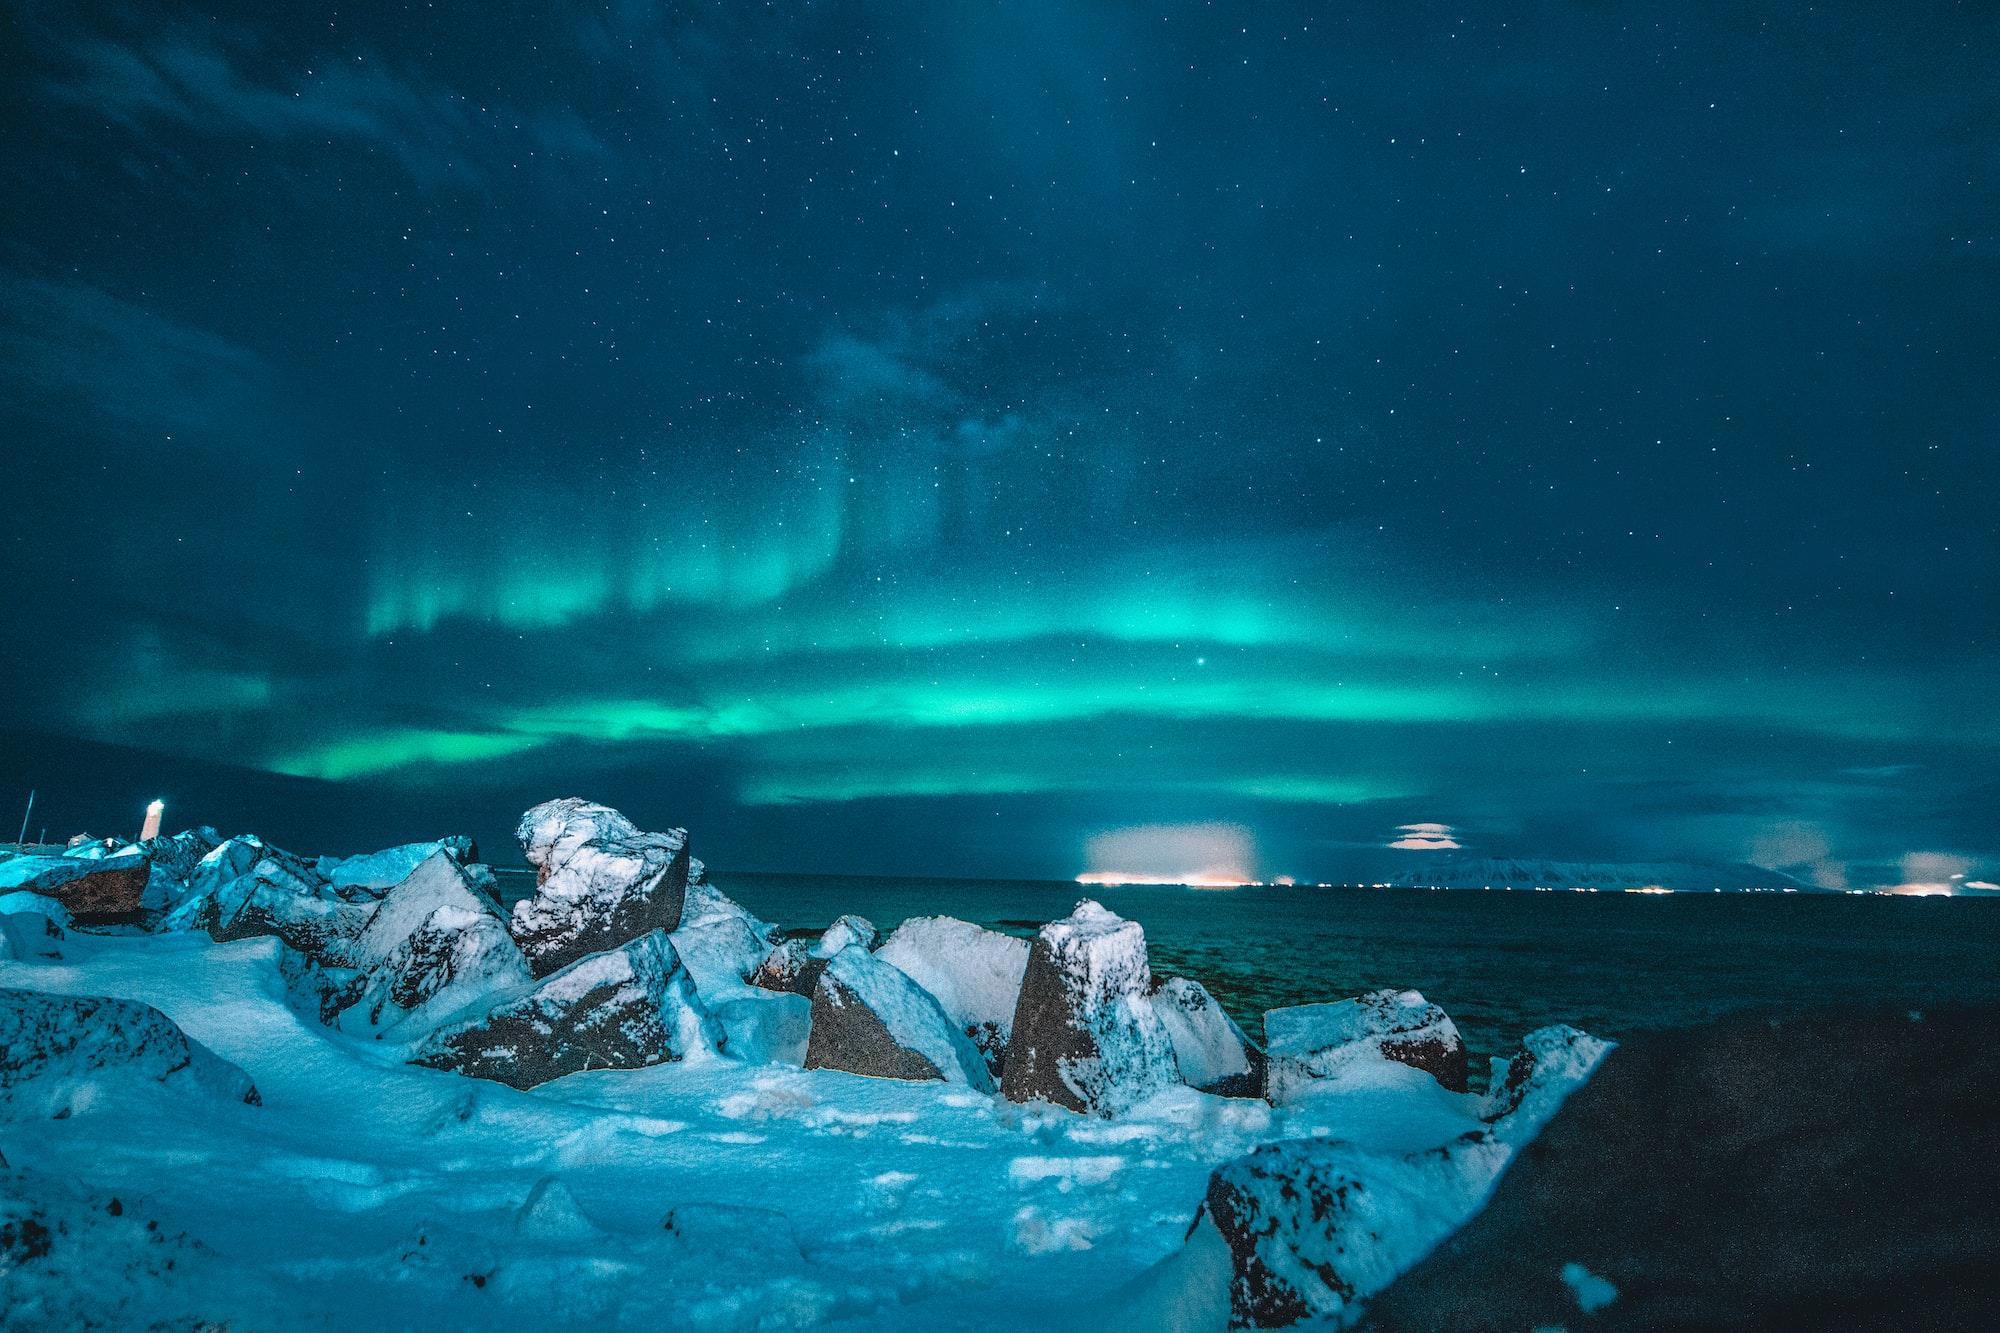 Northern light evening